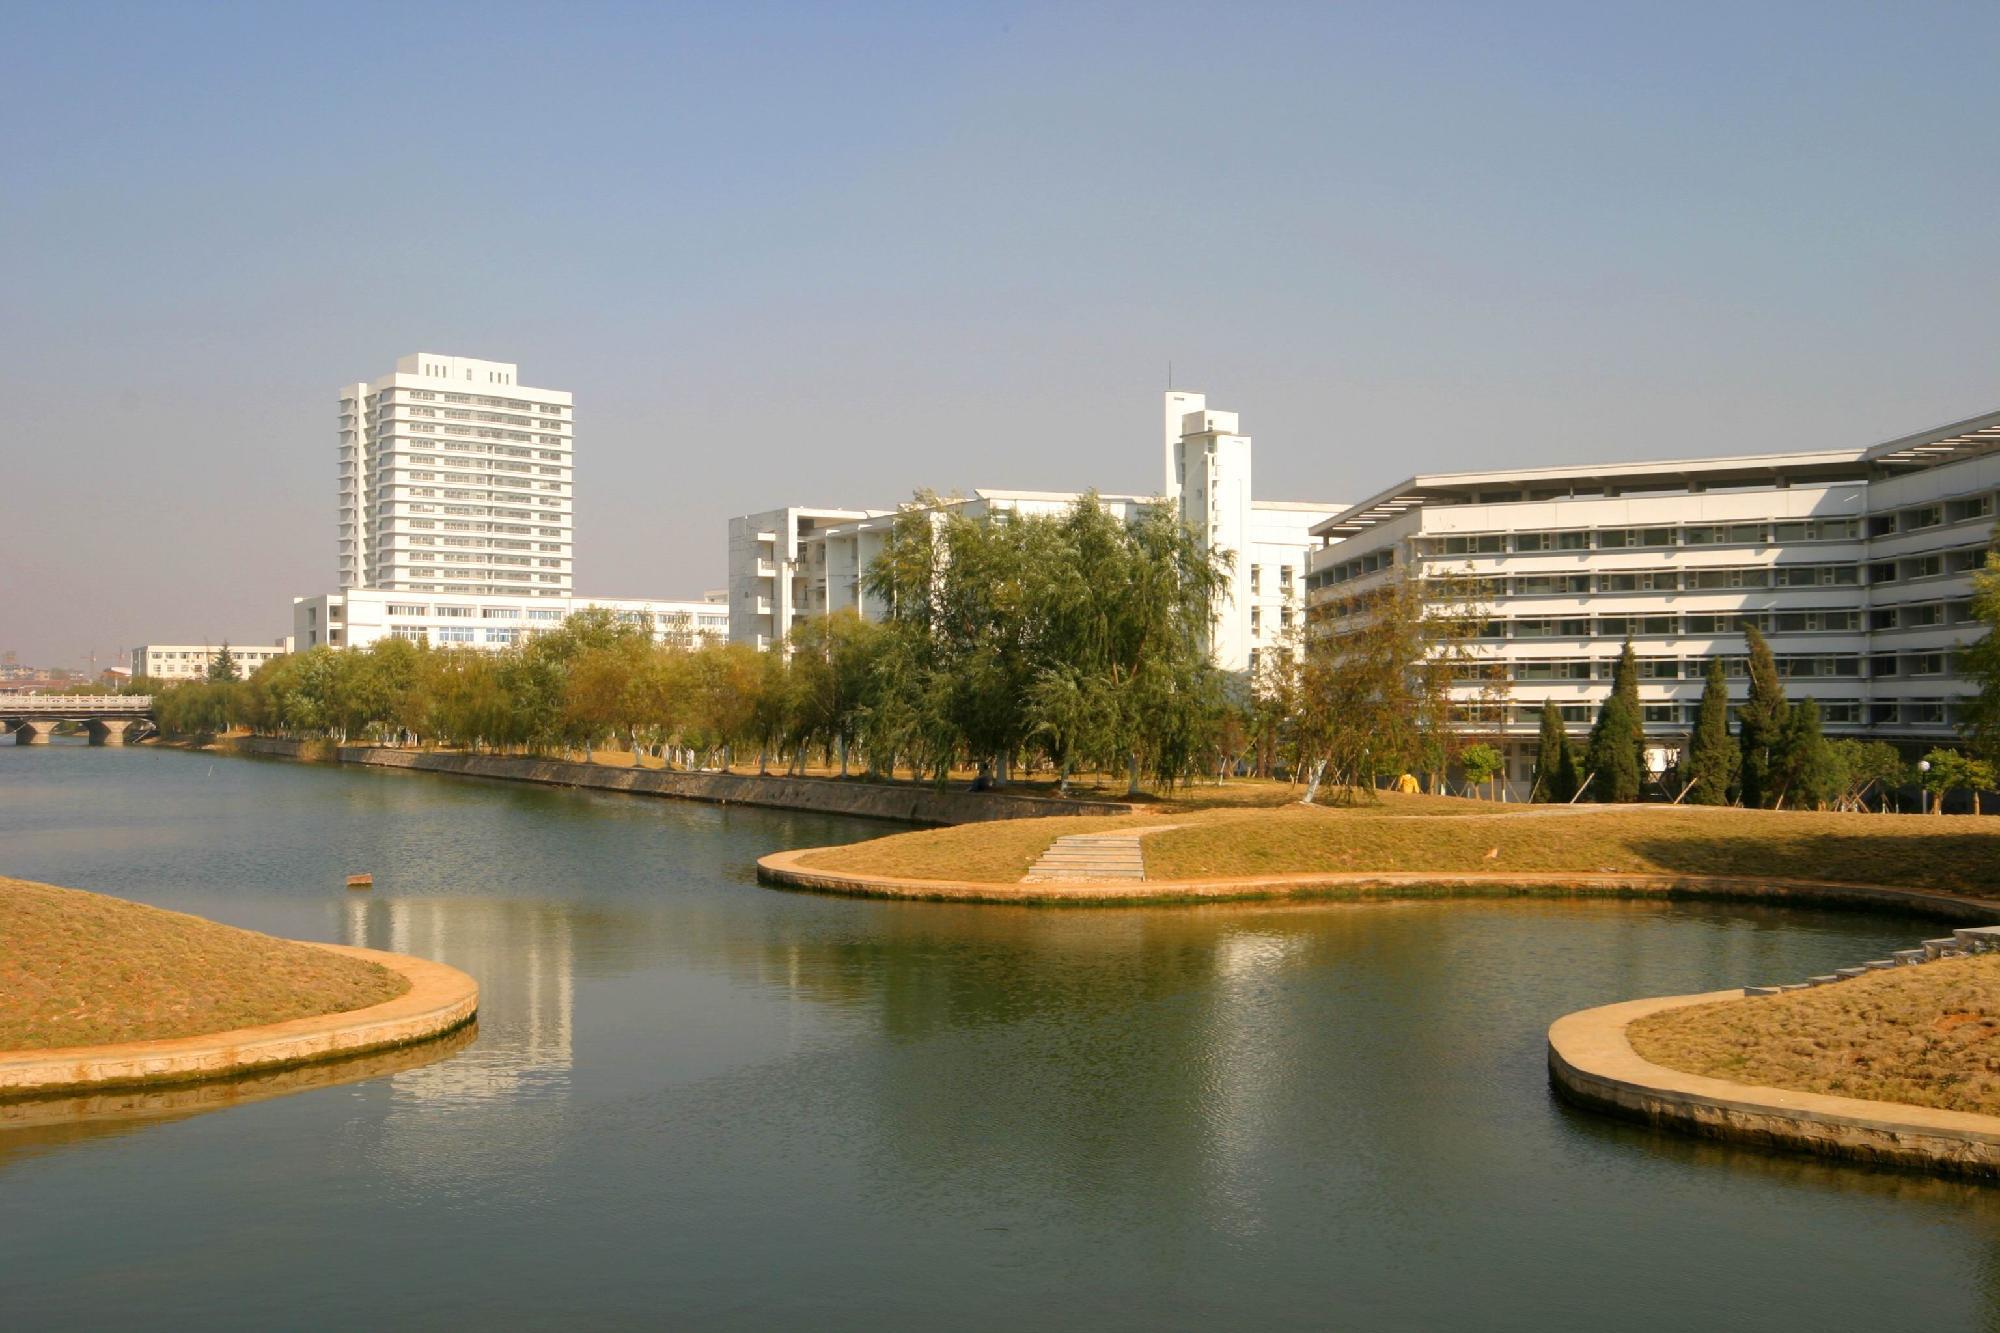 黑龙江最好的十所大学,四所211,哈工大当之无愧第一